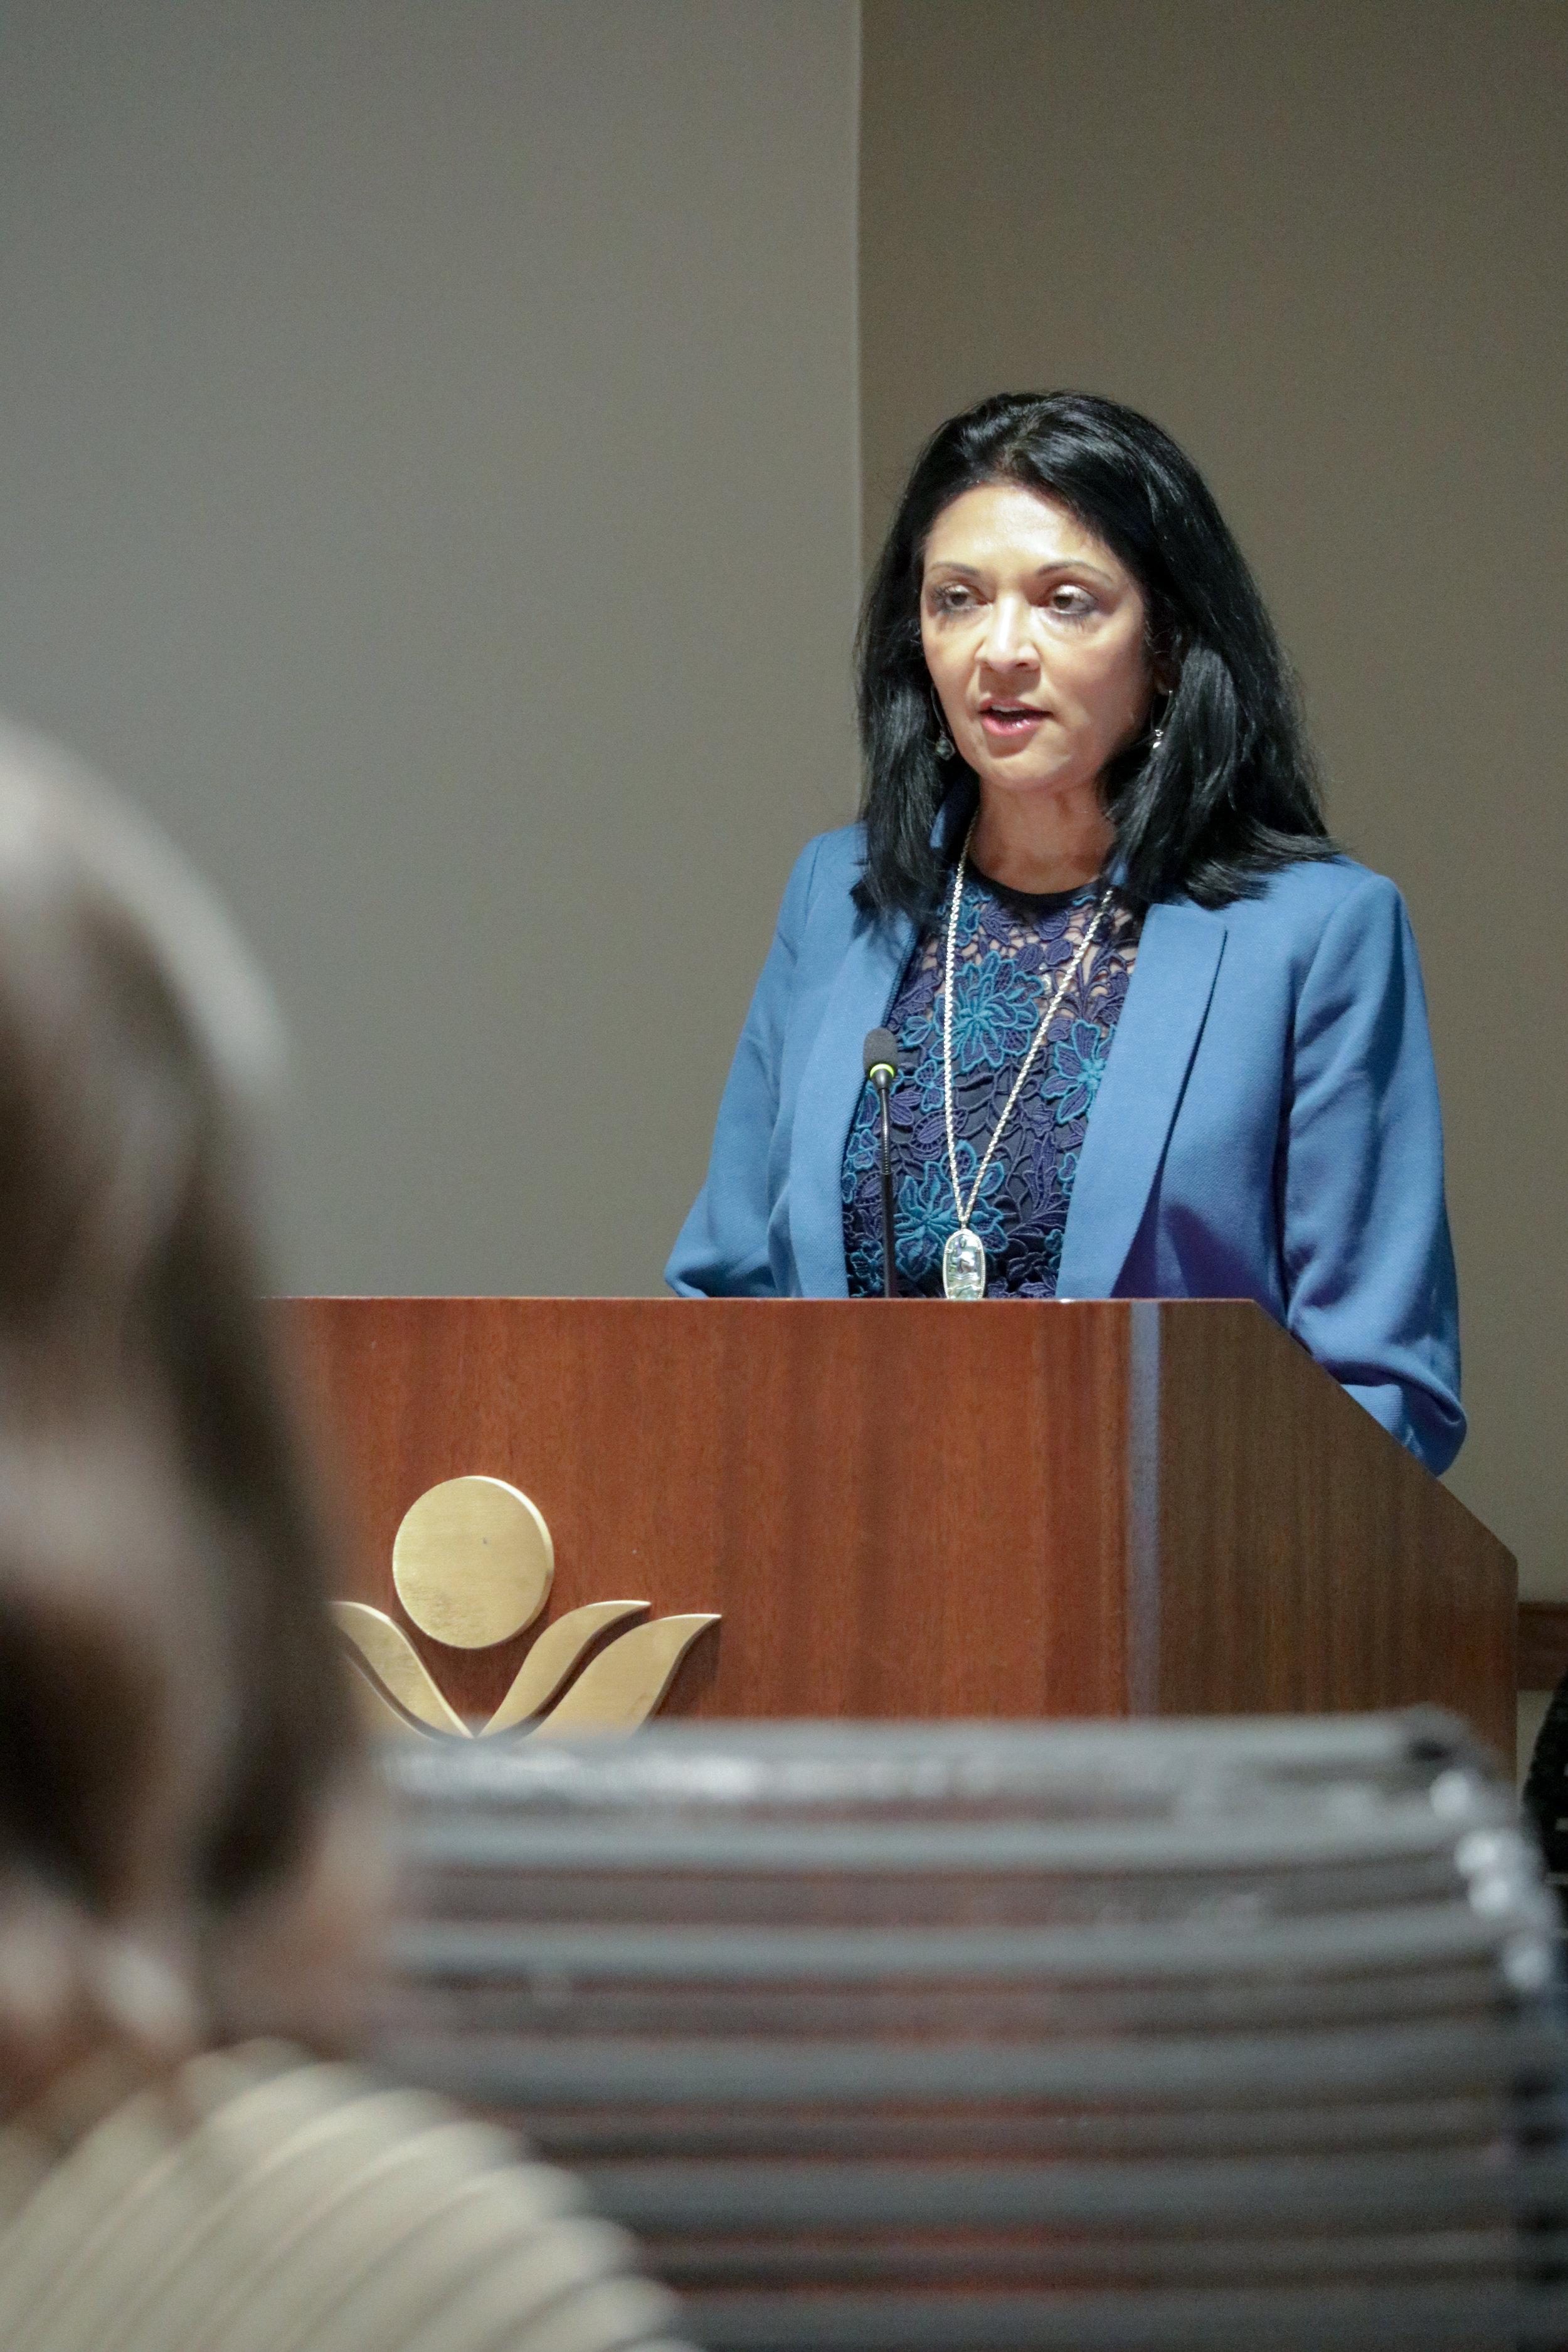 Dr. Anita Somani addressing the YAC